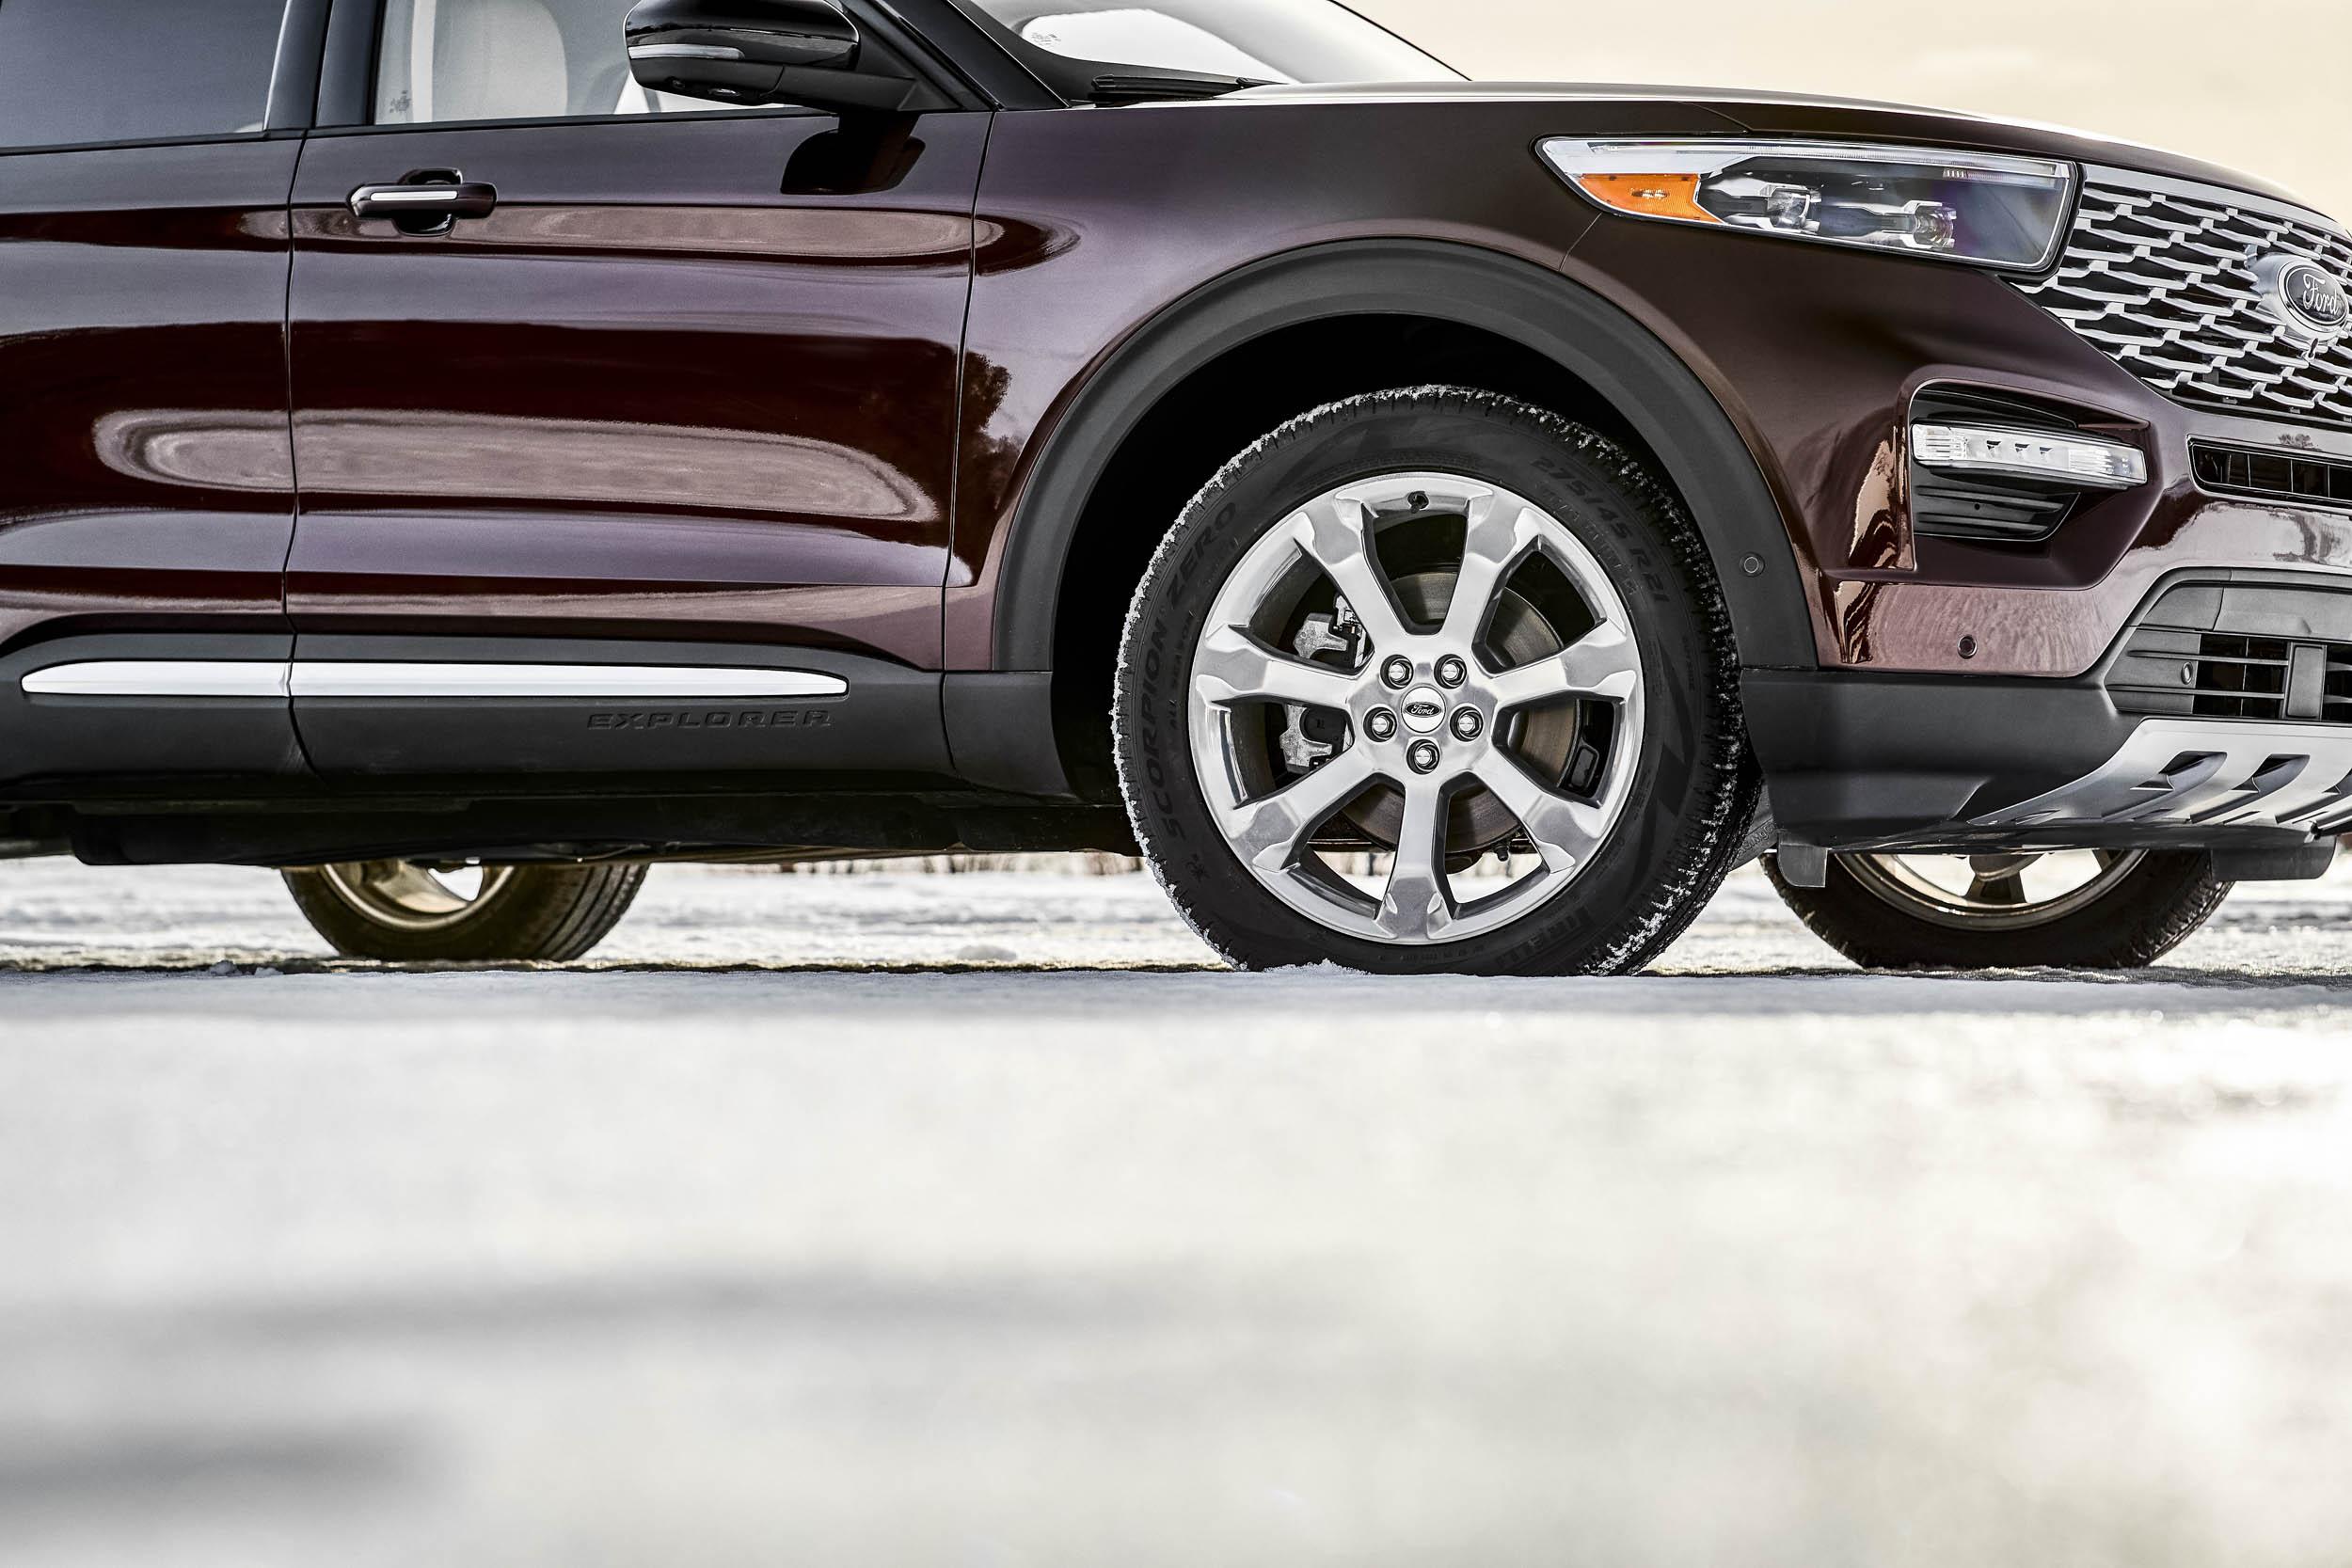 2020 Ford Explorer Platinum wheel